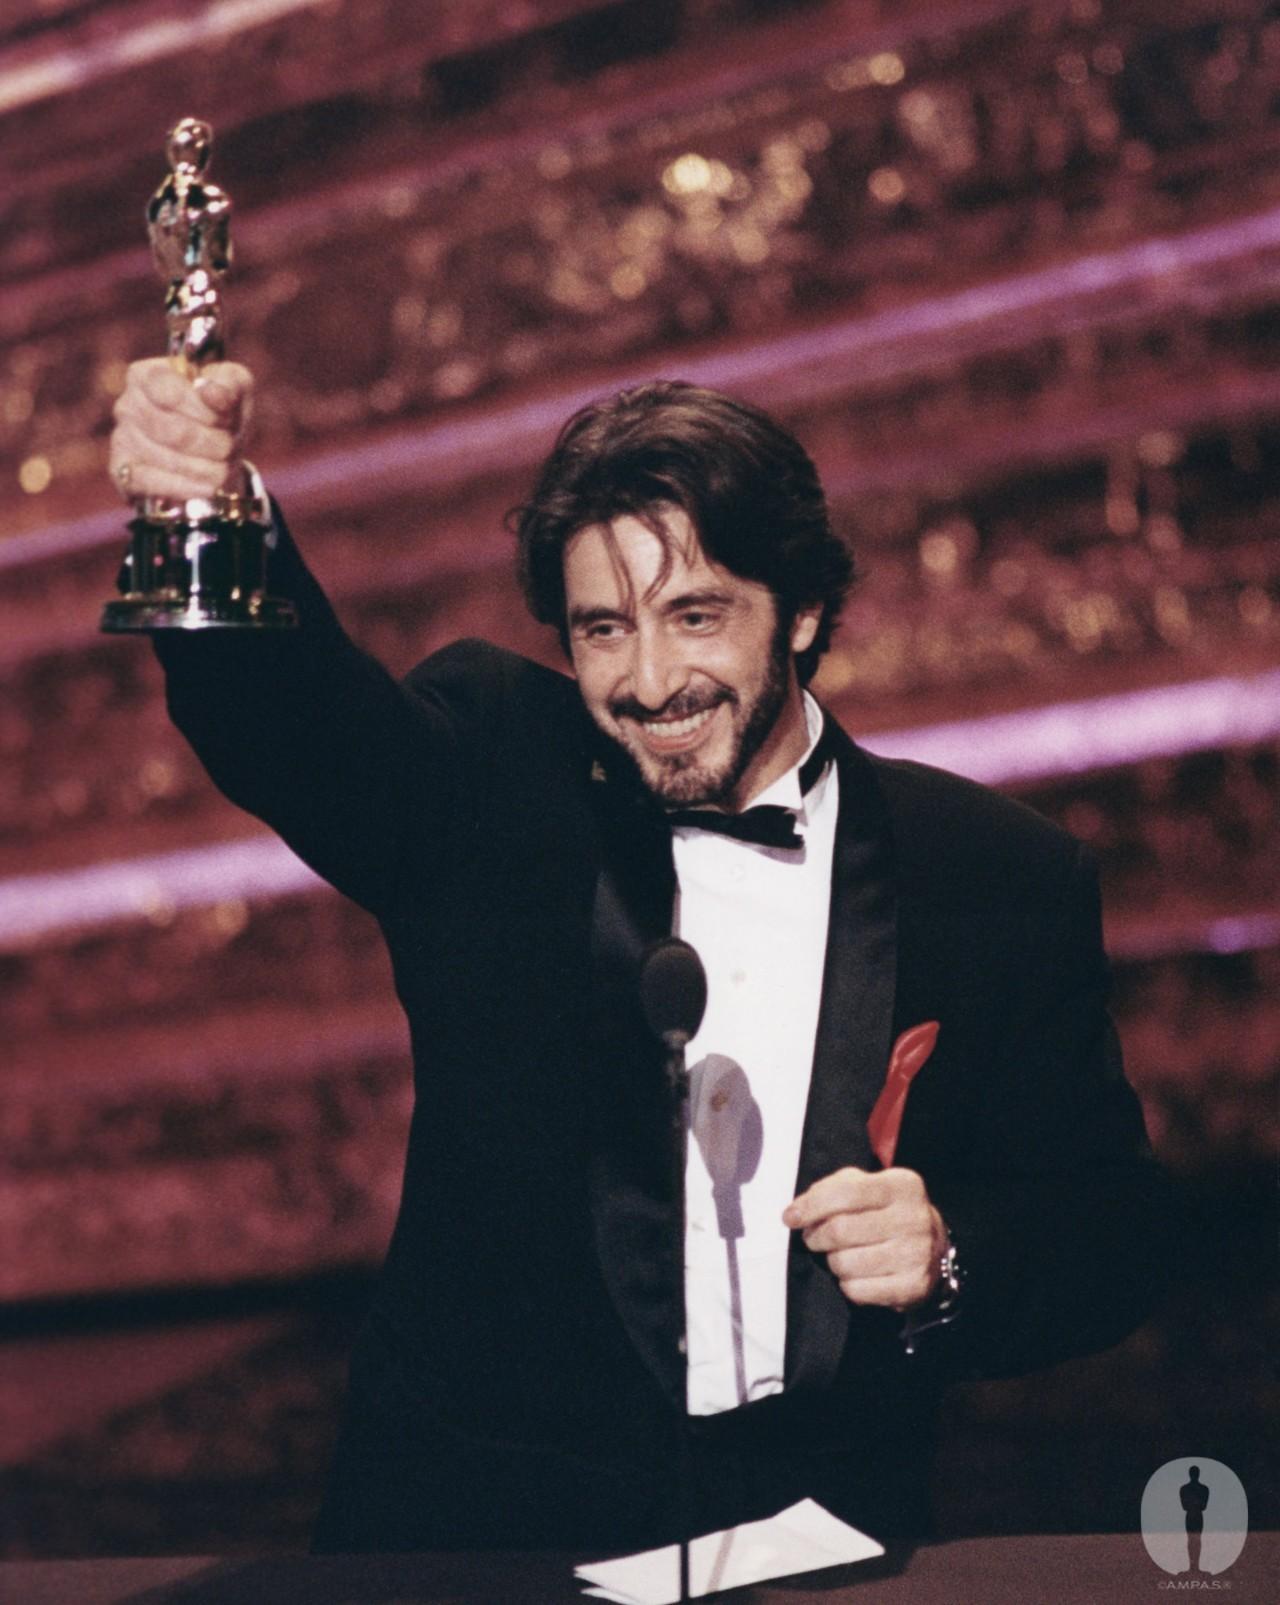 奥斯卡提名最多的演员